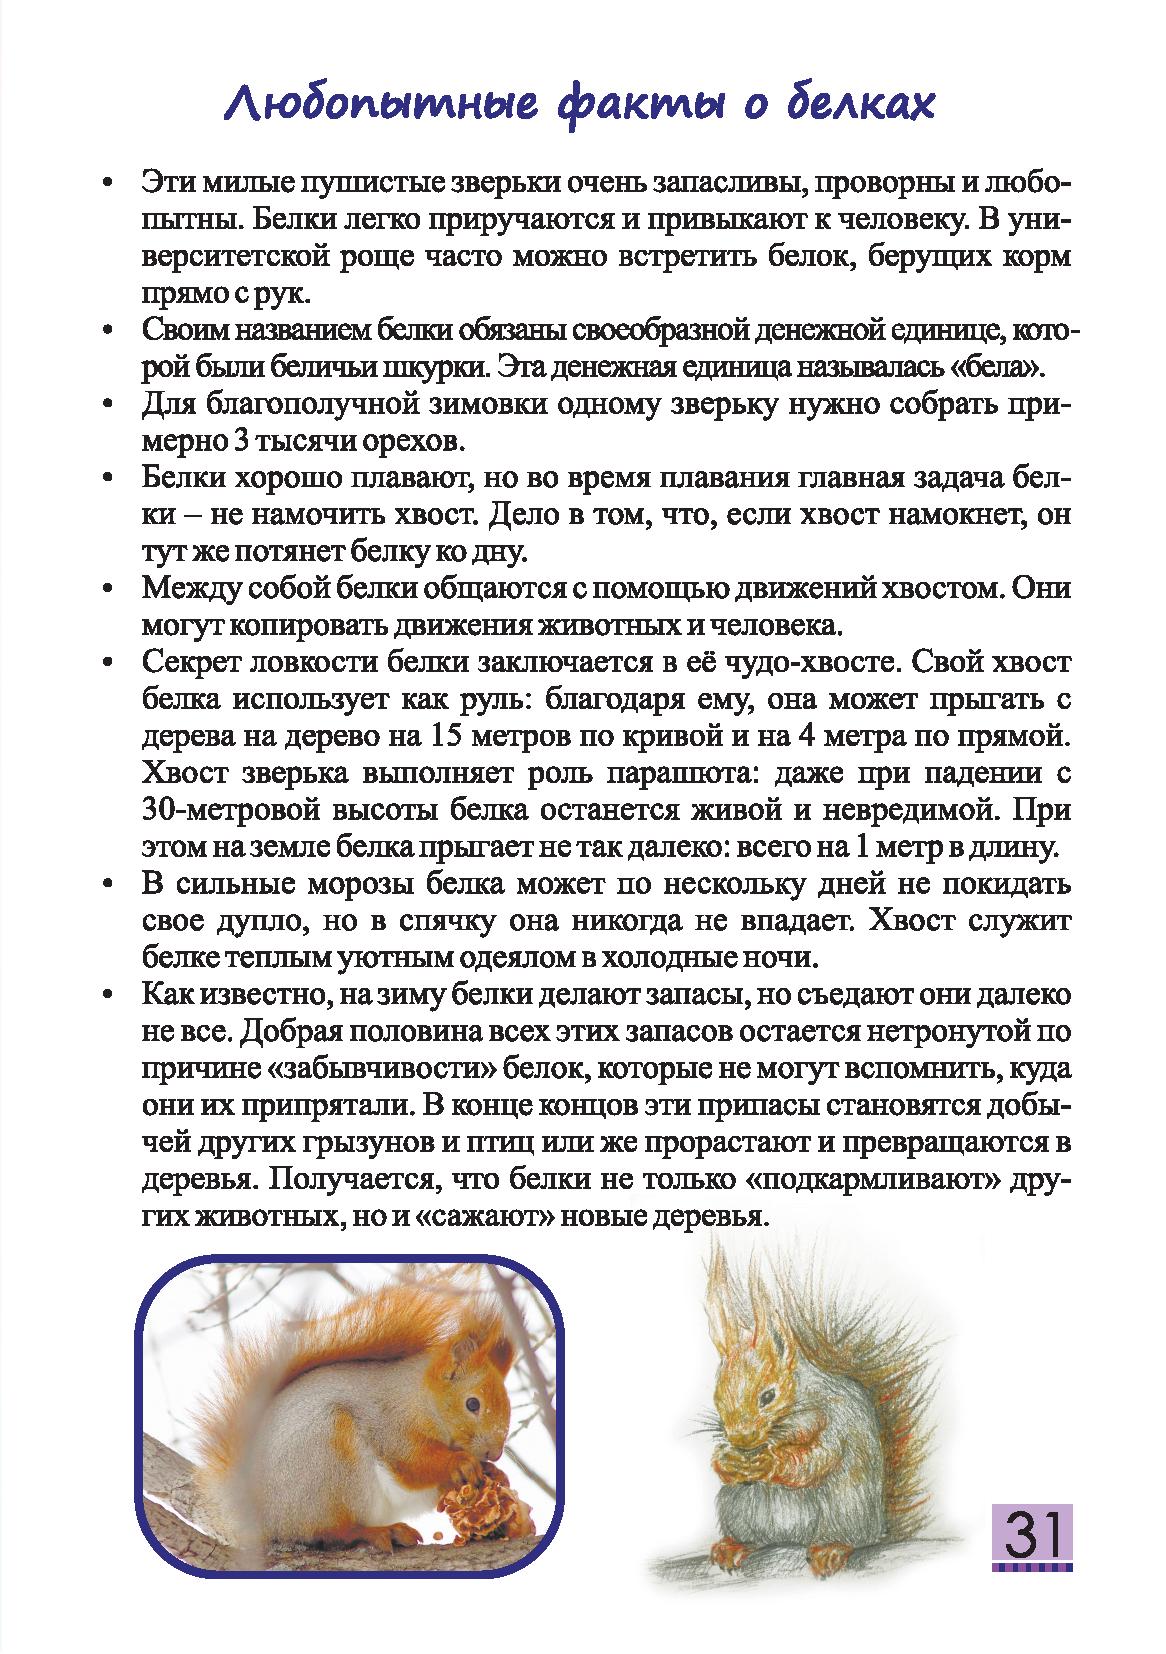 Детский журнал Енот - 2020.03 Страница 31